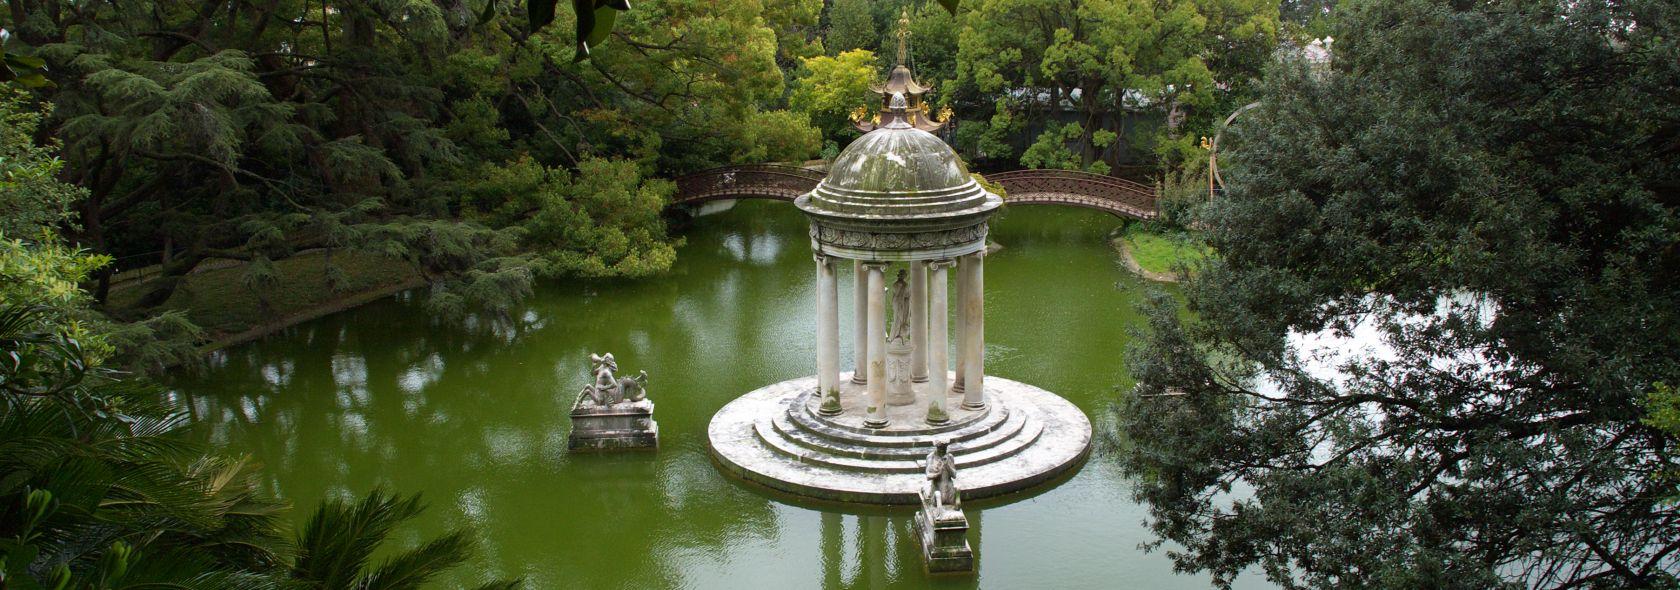 VIlla Durazzo Pallavicini - Tempio di Diana - foto: Anselmoorsi (CC 3.0)